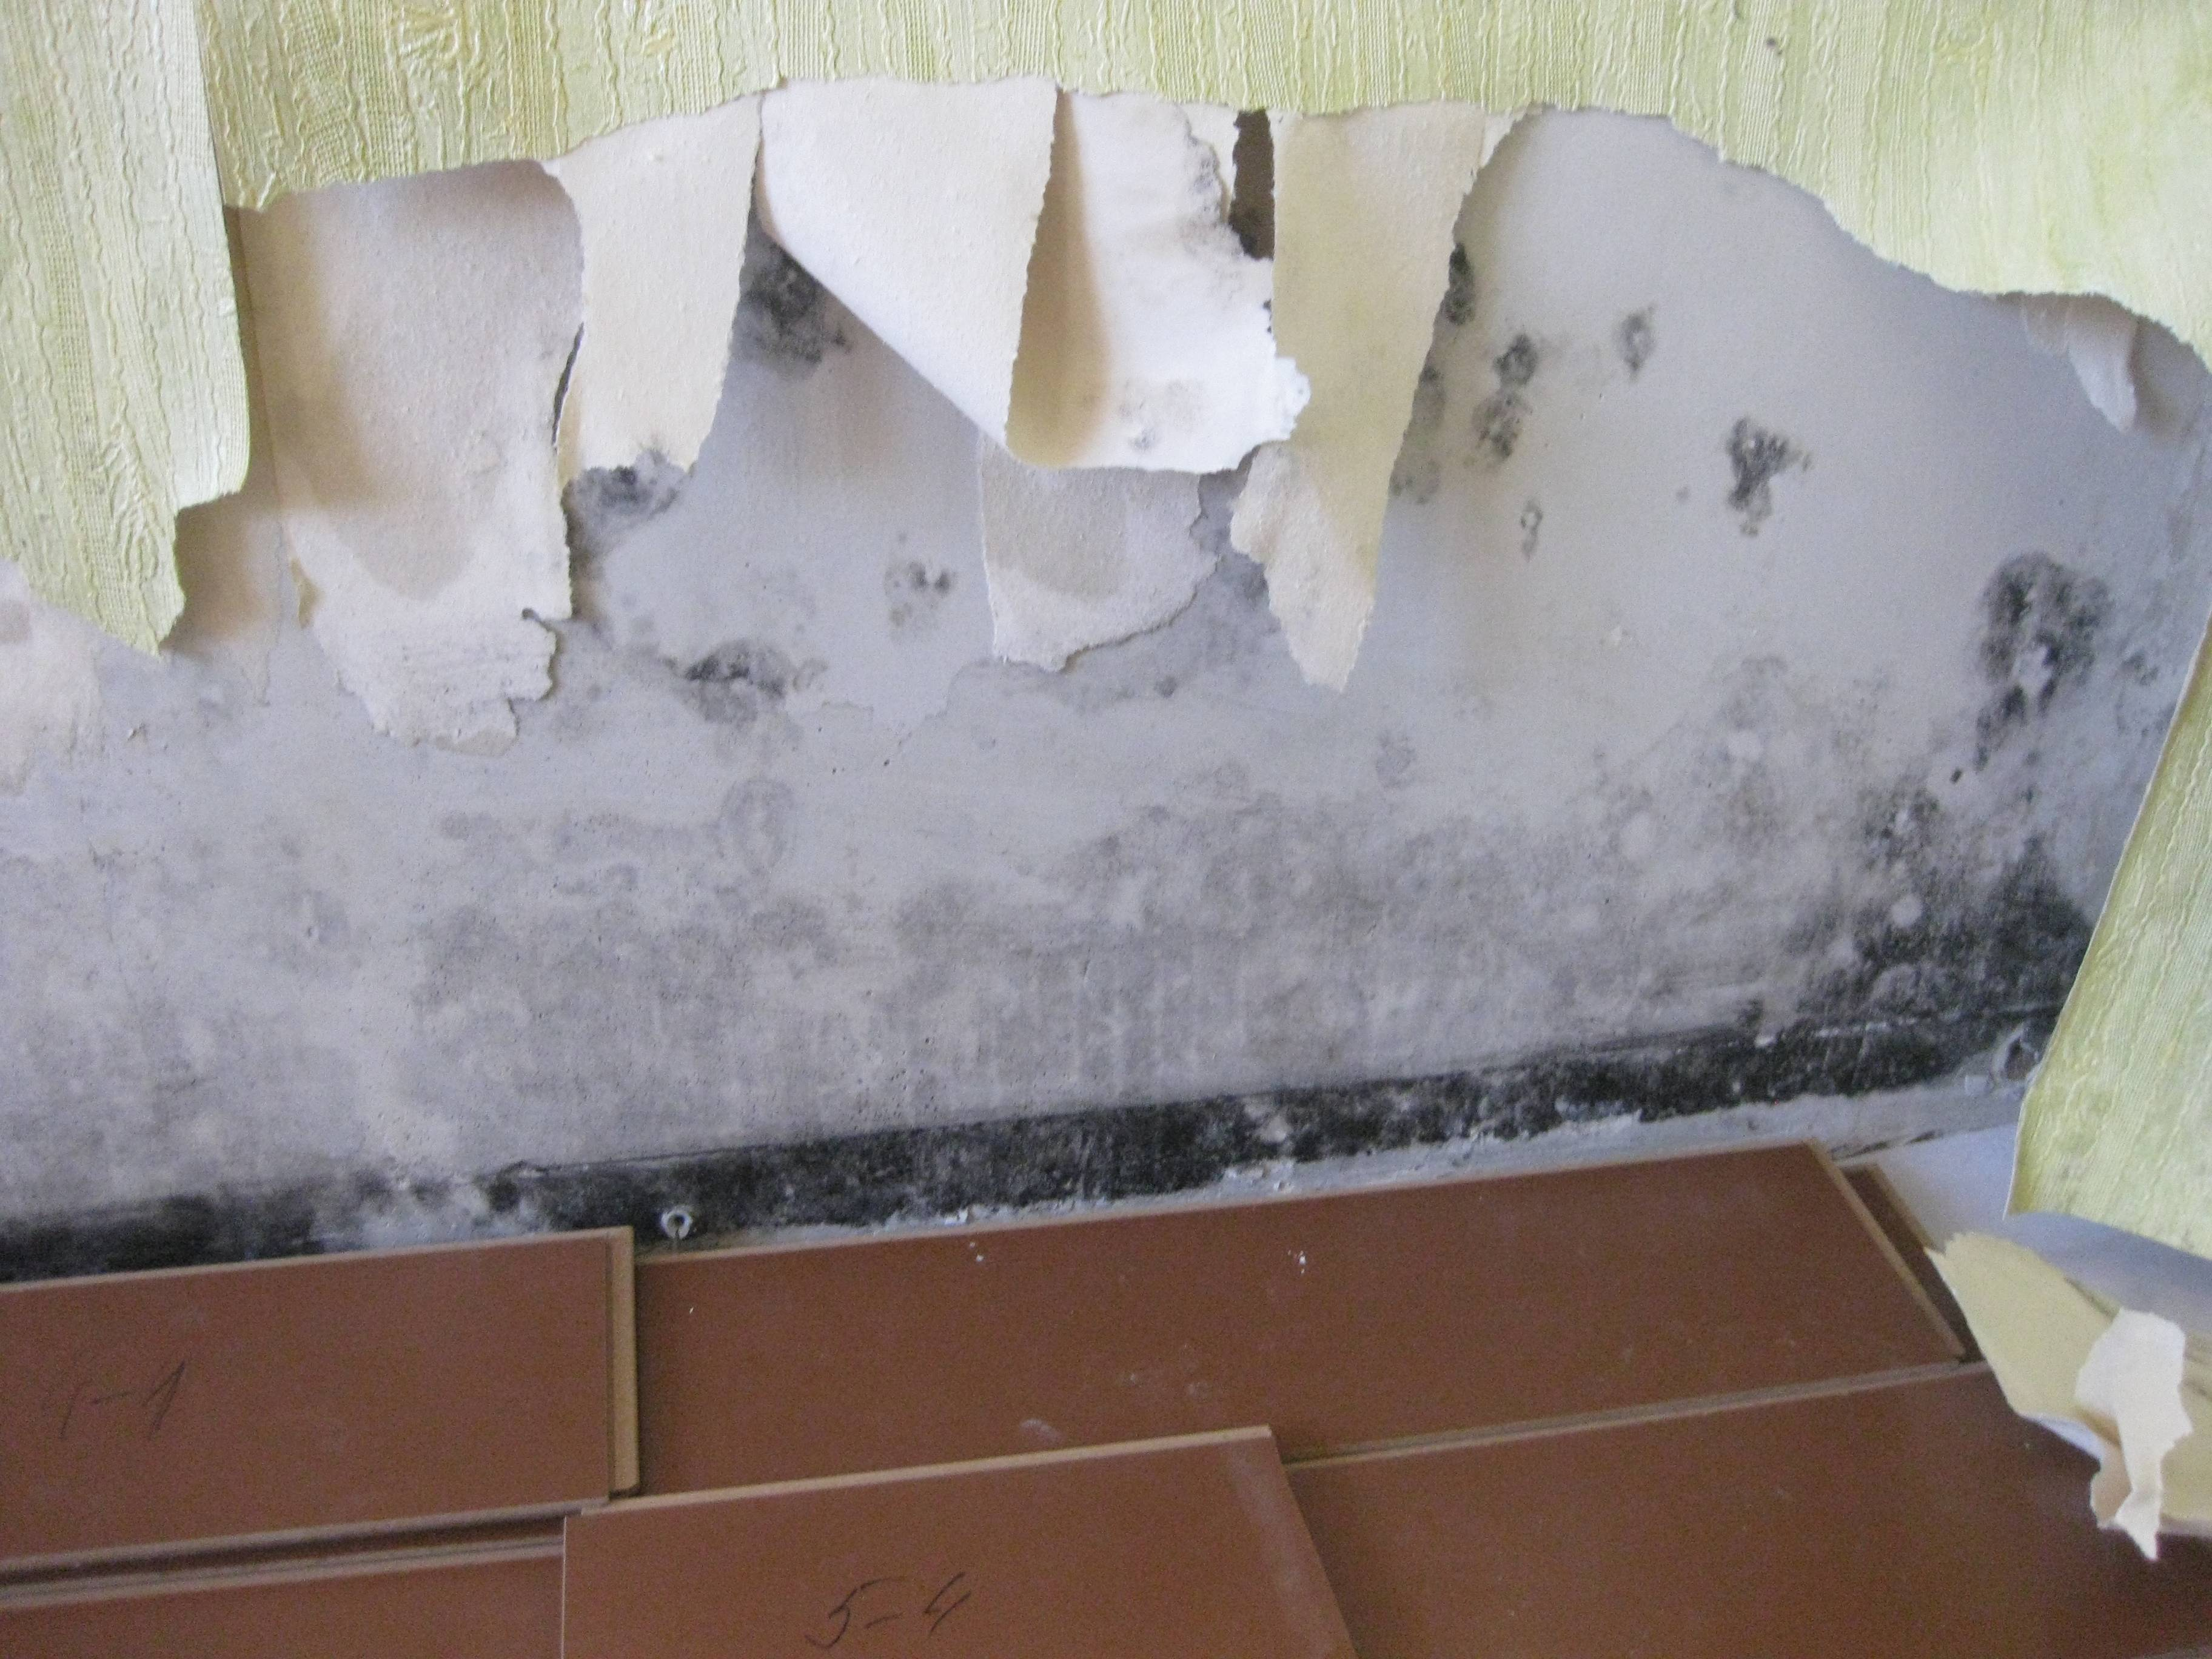 Как выбрать пенопласт для утепления стен внутри дома и как правильно его монтировать